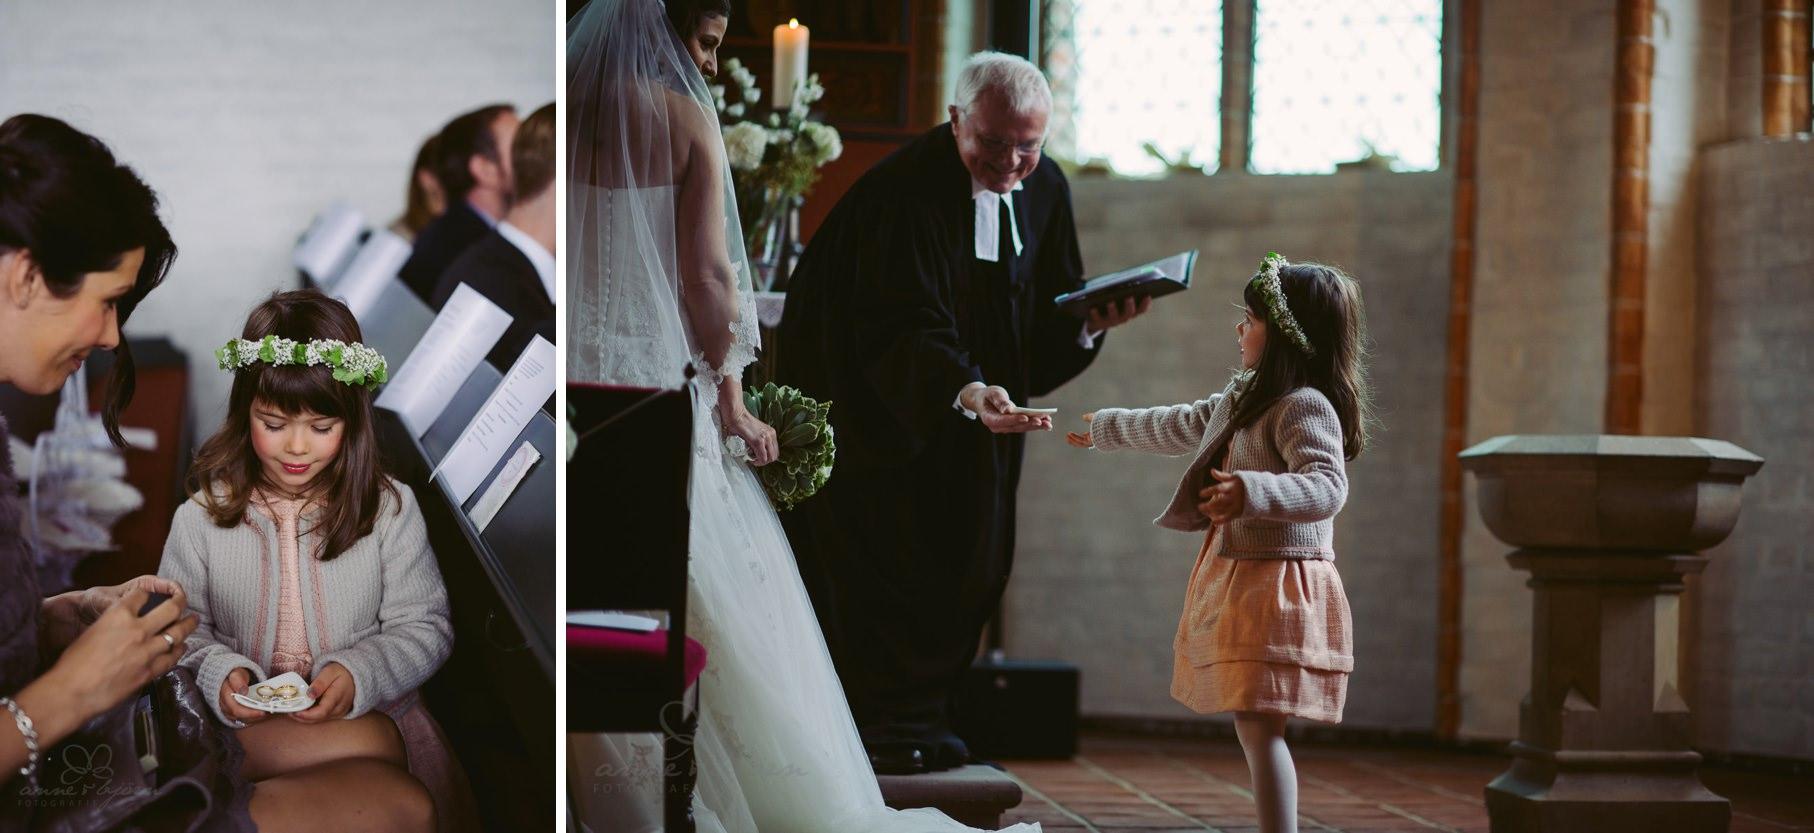 0055 aub 811 4992 - Hochzeit auf Gut Thansen - Anja & Björn